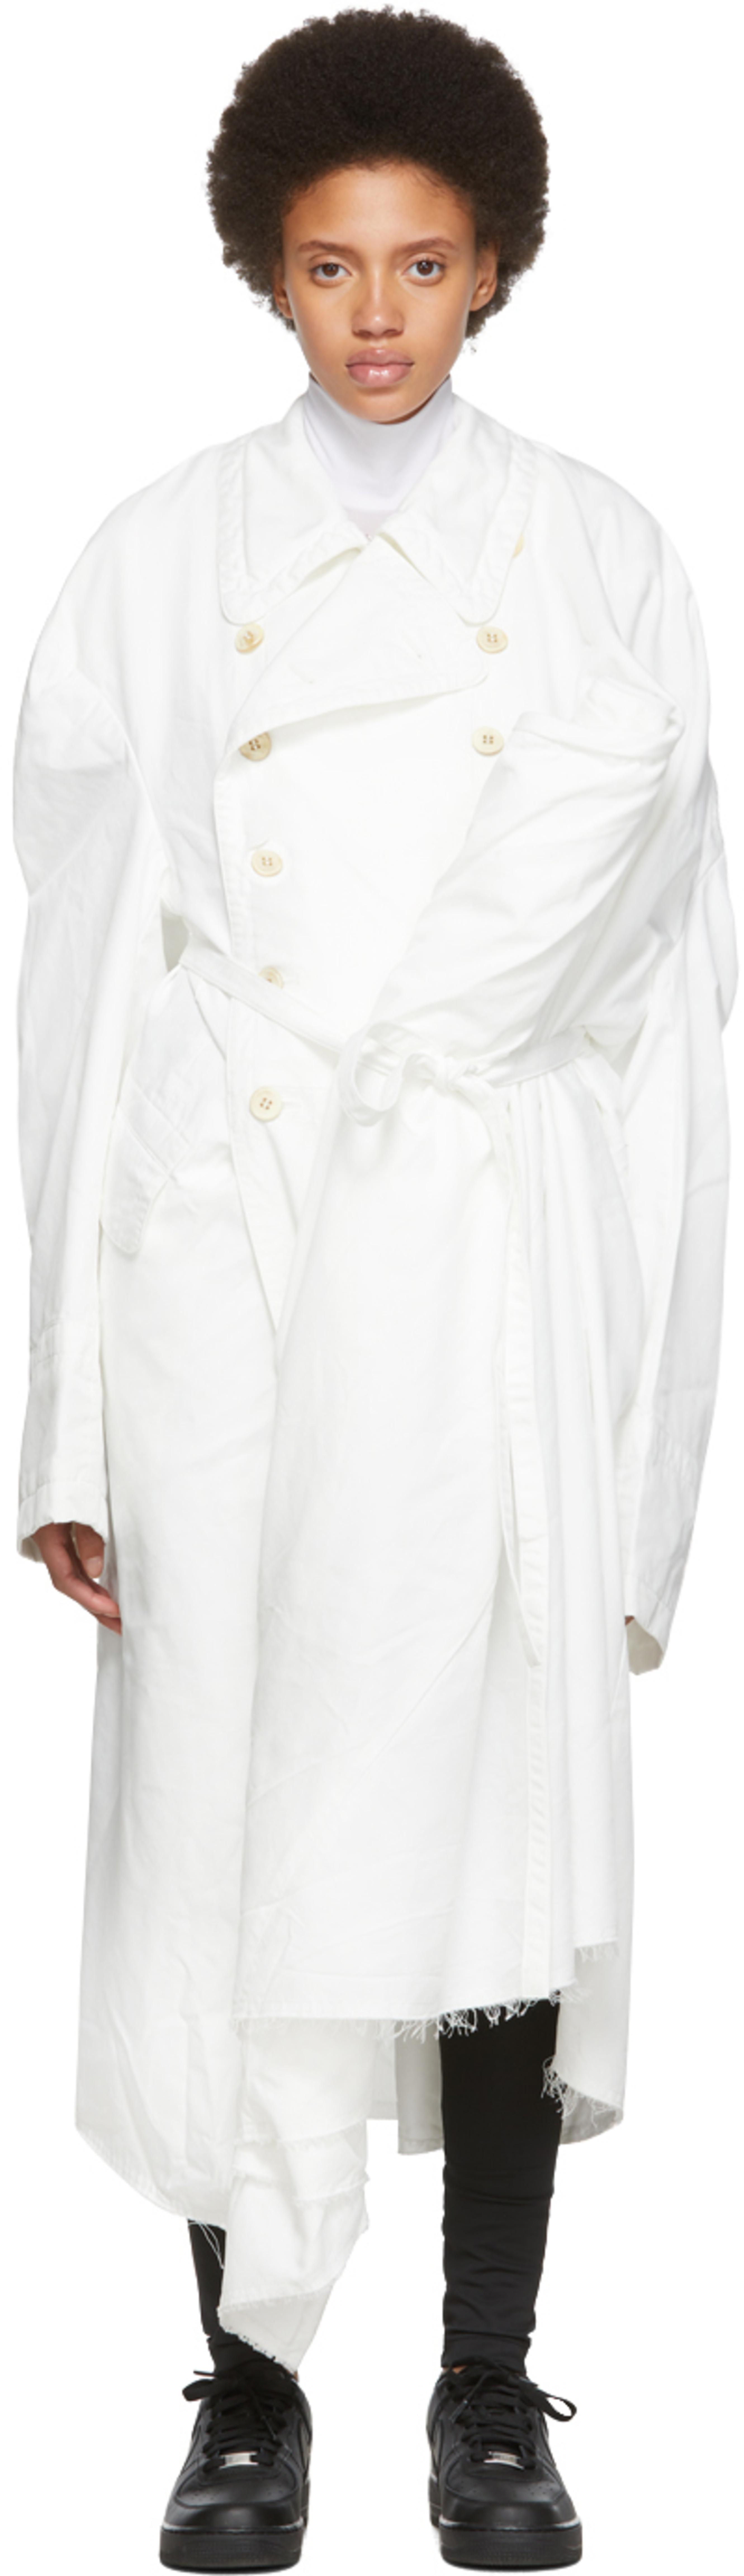 84a17c13a3 Comme Des Garçons for Women SS19 Collection | SSENSE Canada